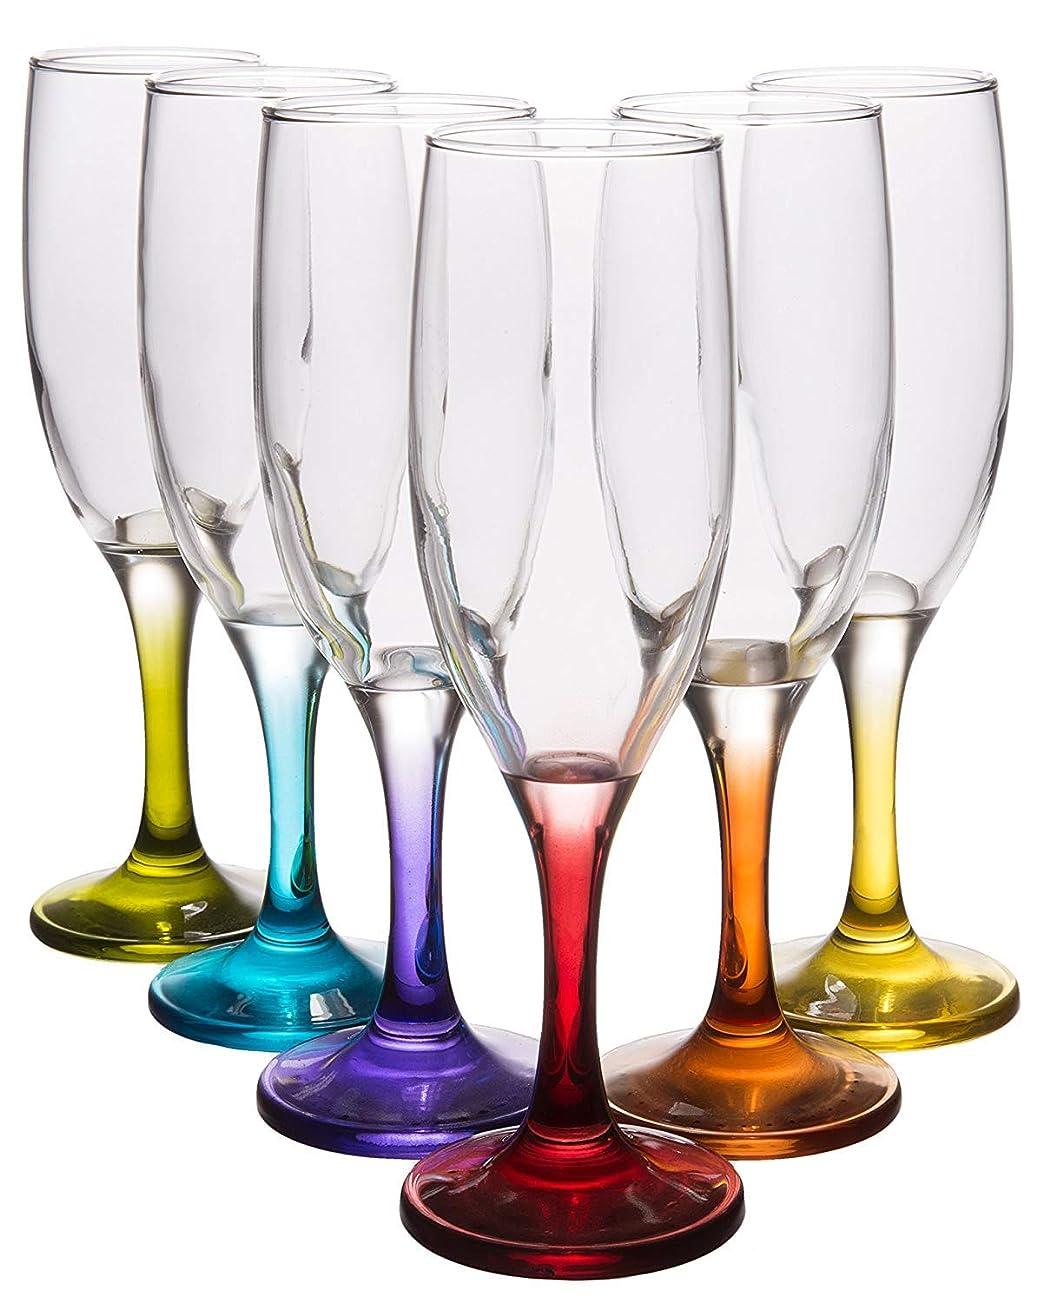 スローガントロリー申請中Coral Fame クラシックシャンパンフルート エレガントなクリスタルクリアワイングラス 色付きステム付き 6個セット 7.25液量オンス